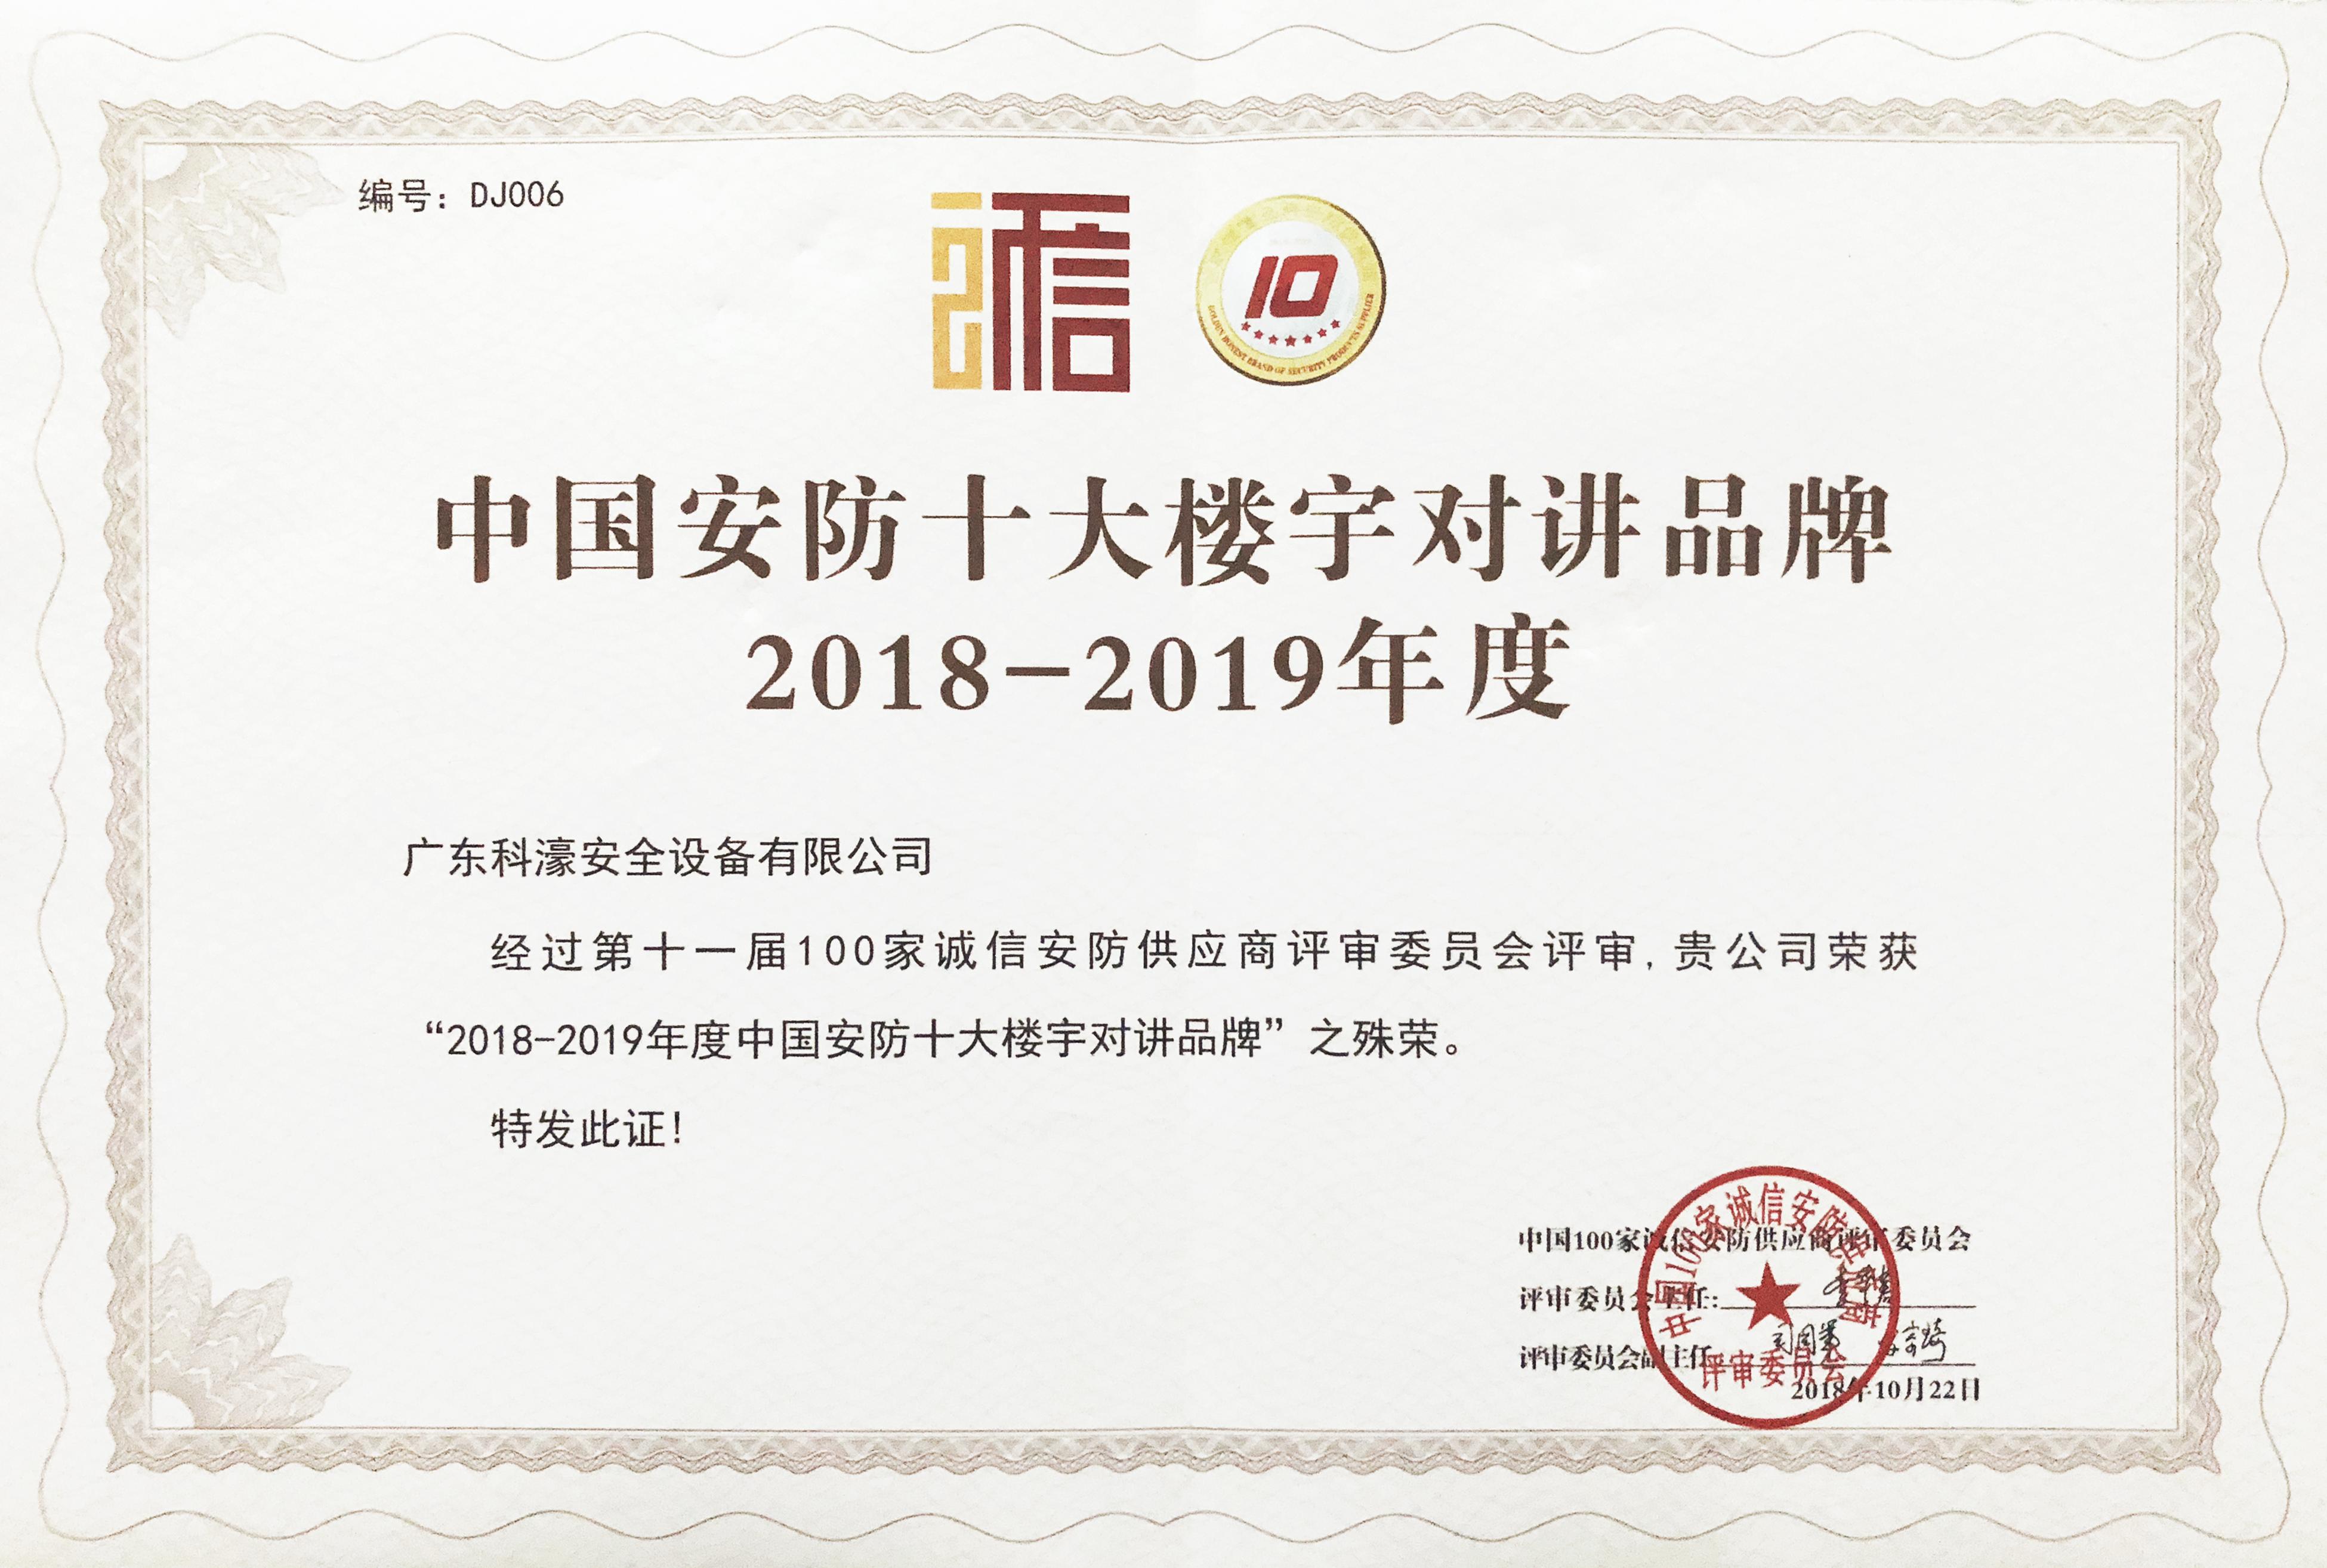 2018-2019中国安防十大楼宇对讲品牌